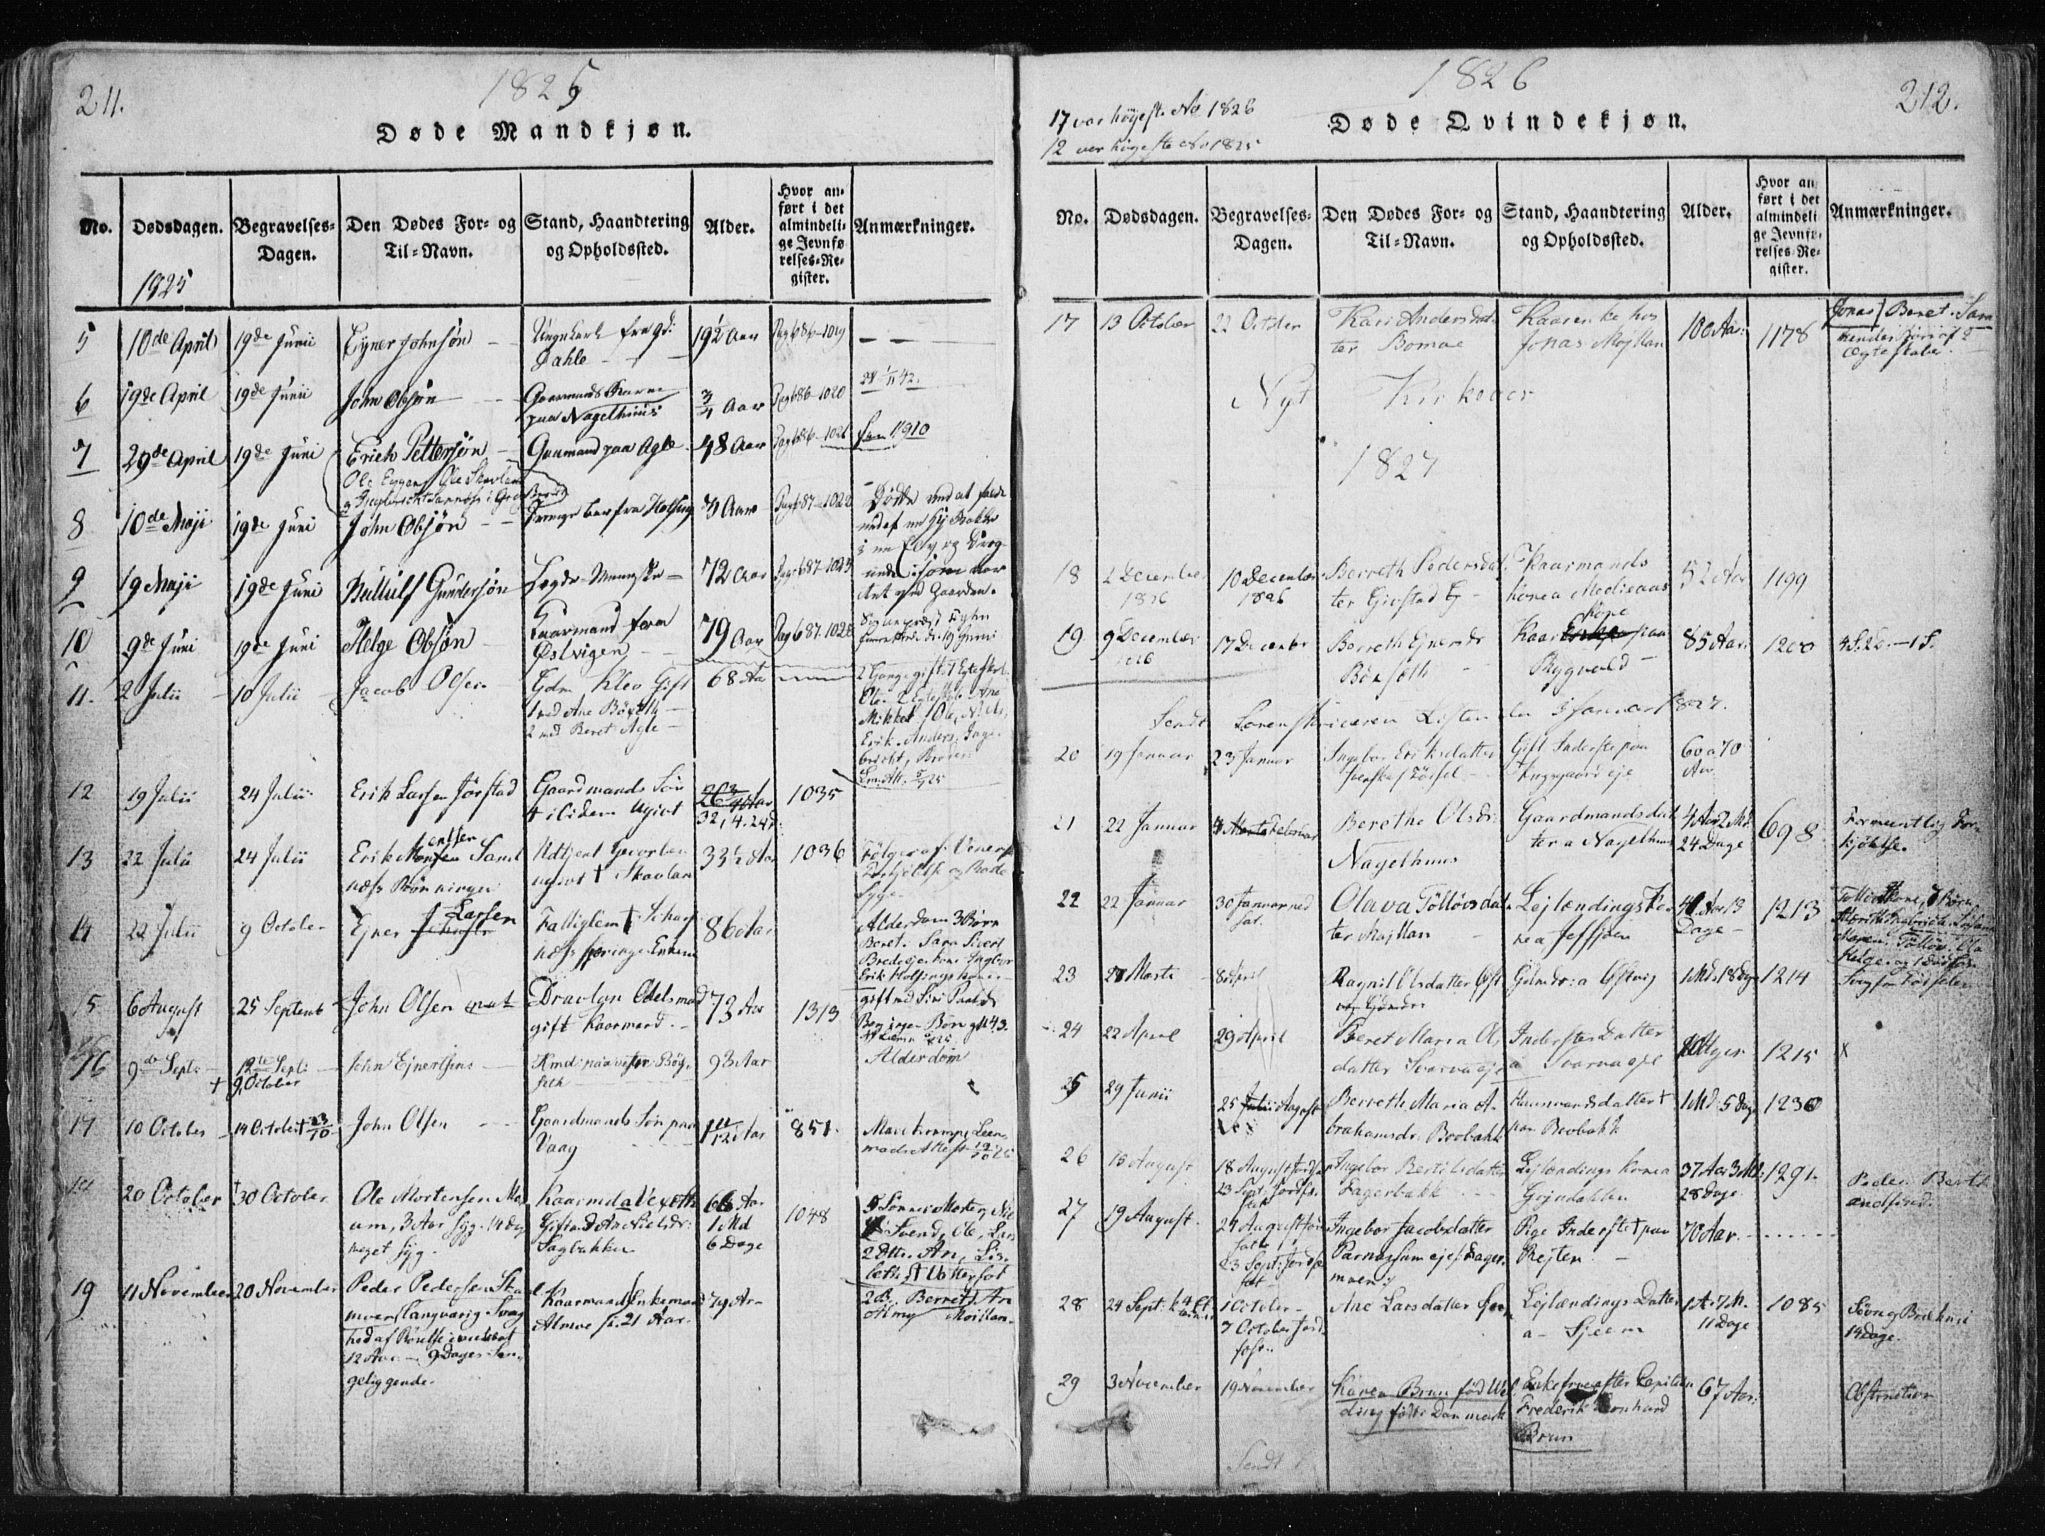 SAT, Ministerialprotokoller, klokkerbøker og fødselsregistre - Nord-Trøndelag, 749/L0469: Ministerialbok nr. 749A03, 1817-1857, s. 211-212